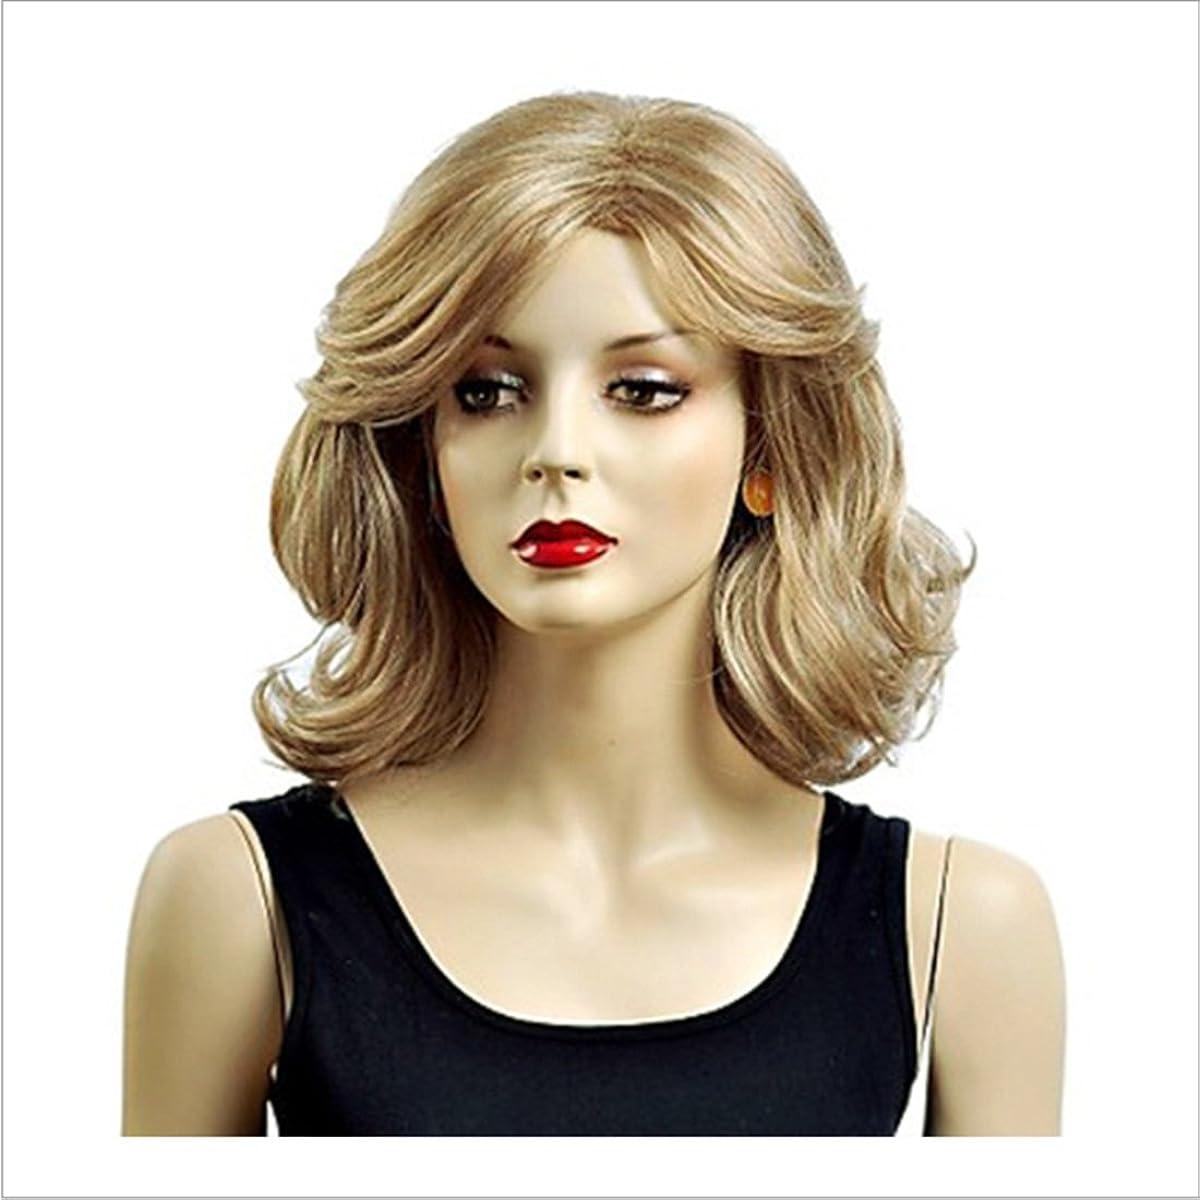 忘れっぽい最高ビヨンKoloeplf 白い女性のためのかつらゴールドカーリーウィッグ短いふわふわした波状の合成髪自然なカーリーウィッグを見て毎日のウィッグスプリットバンと耐熱16